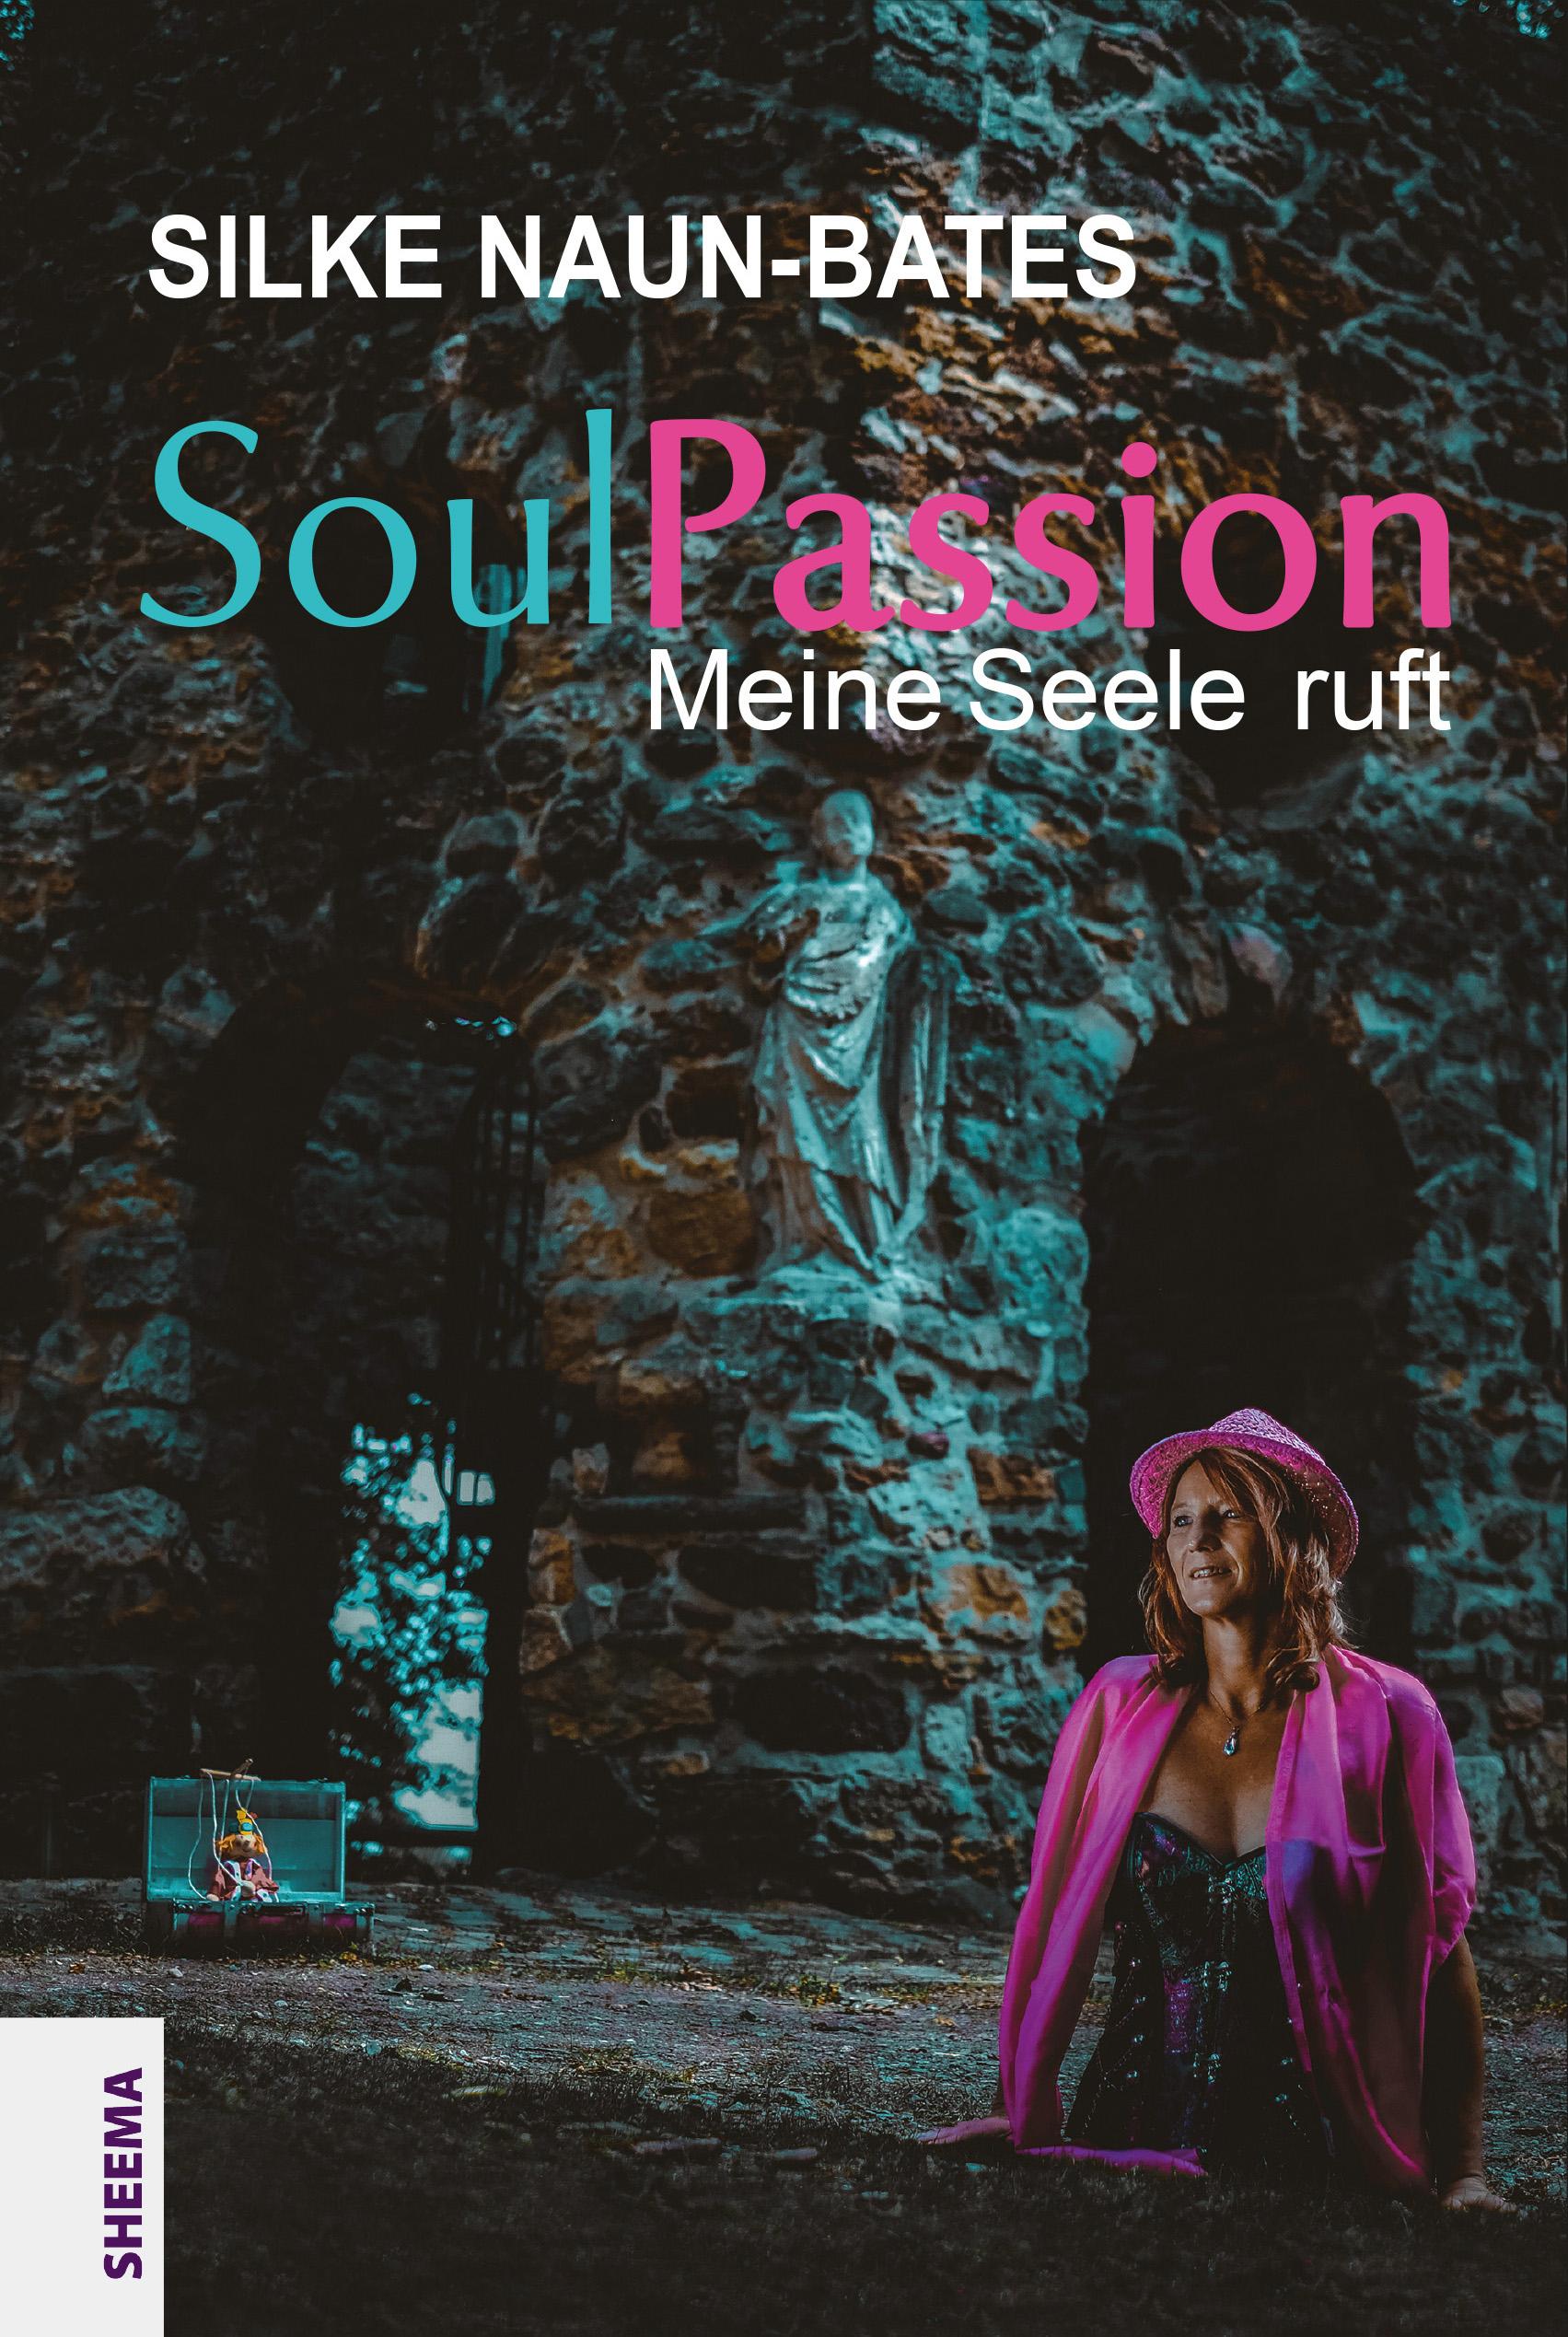 SoulPassion-Silke-Naun-Bates